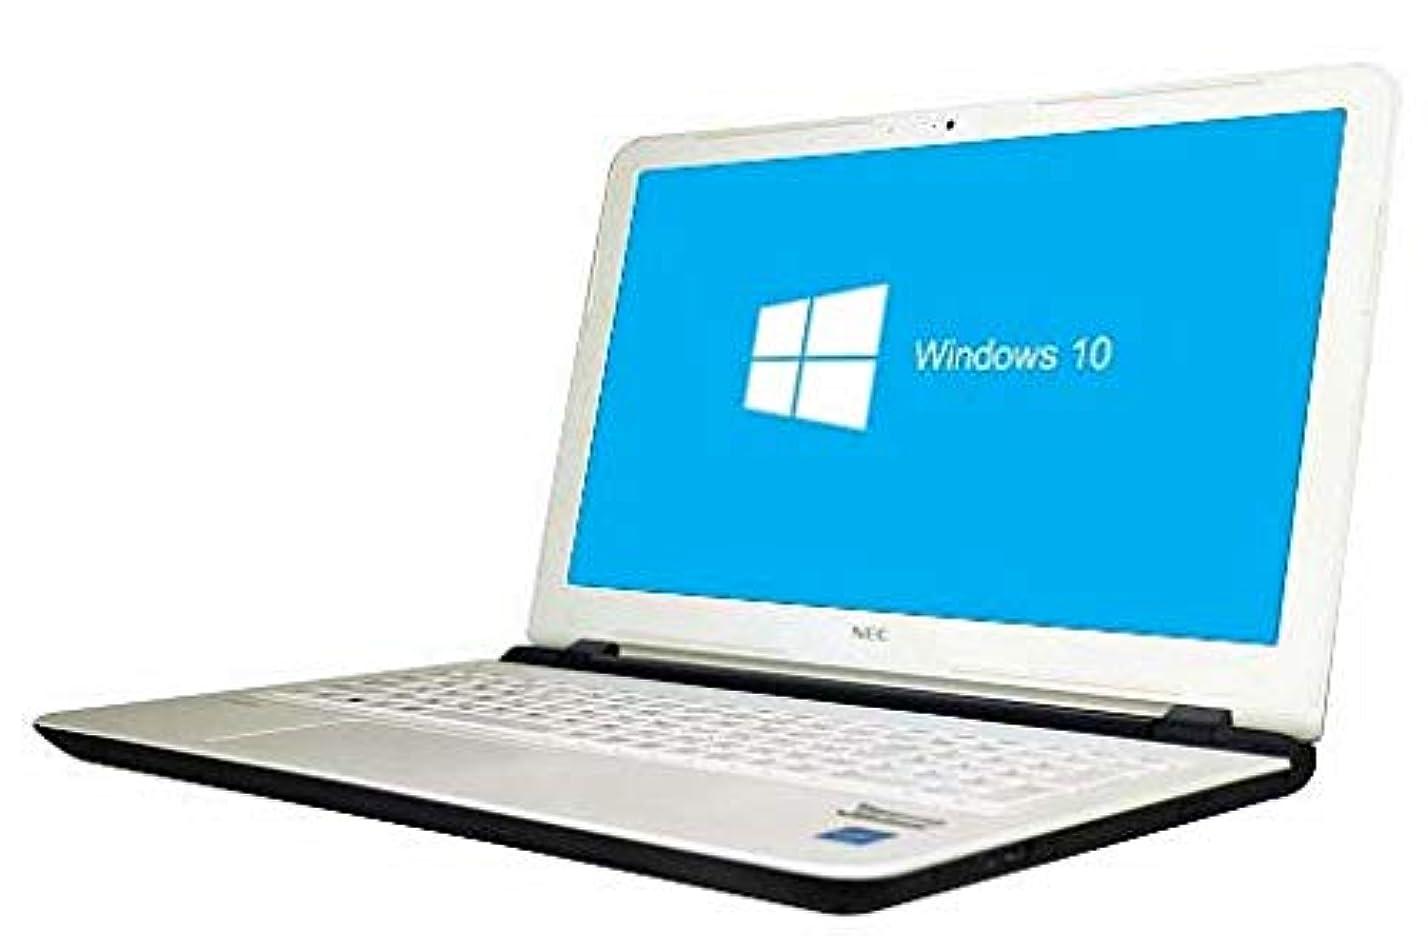 方法おいしいリップ中古 NEC ノートパソコン LaVie NS100/B Windows10 64bit搭載 webカメラ搭載 HDMI端子搭載 テンキー付 メモリー4GB搭載 HDD320GB搭載 W-LAN搭載 DVDマルチ搭載